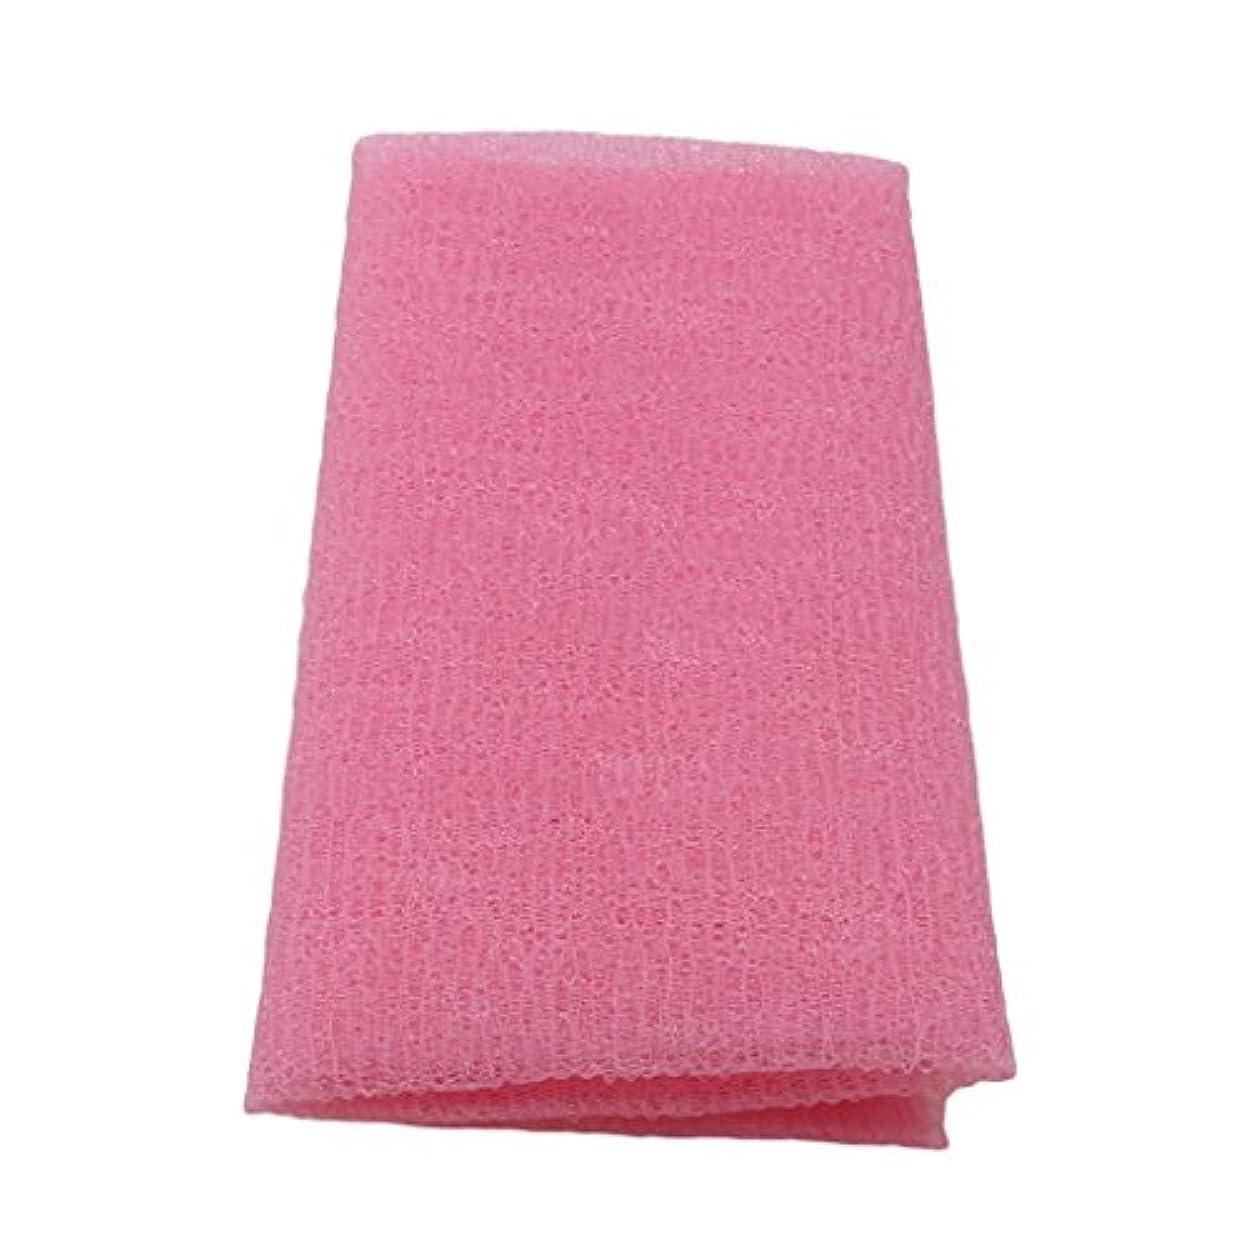 醜いきらめき徒歩でMARUIKAO ボディタオル 泡しゃり ナイロン ロング 固め ピンク